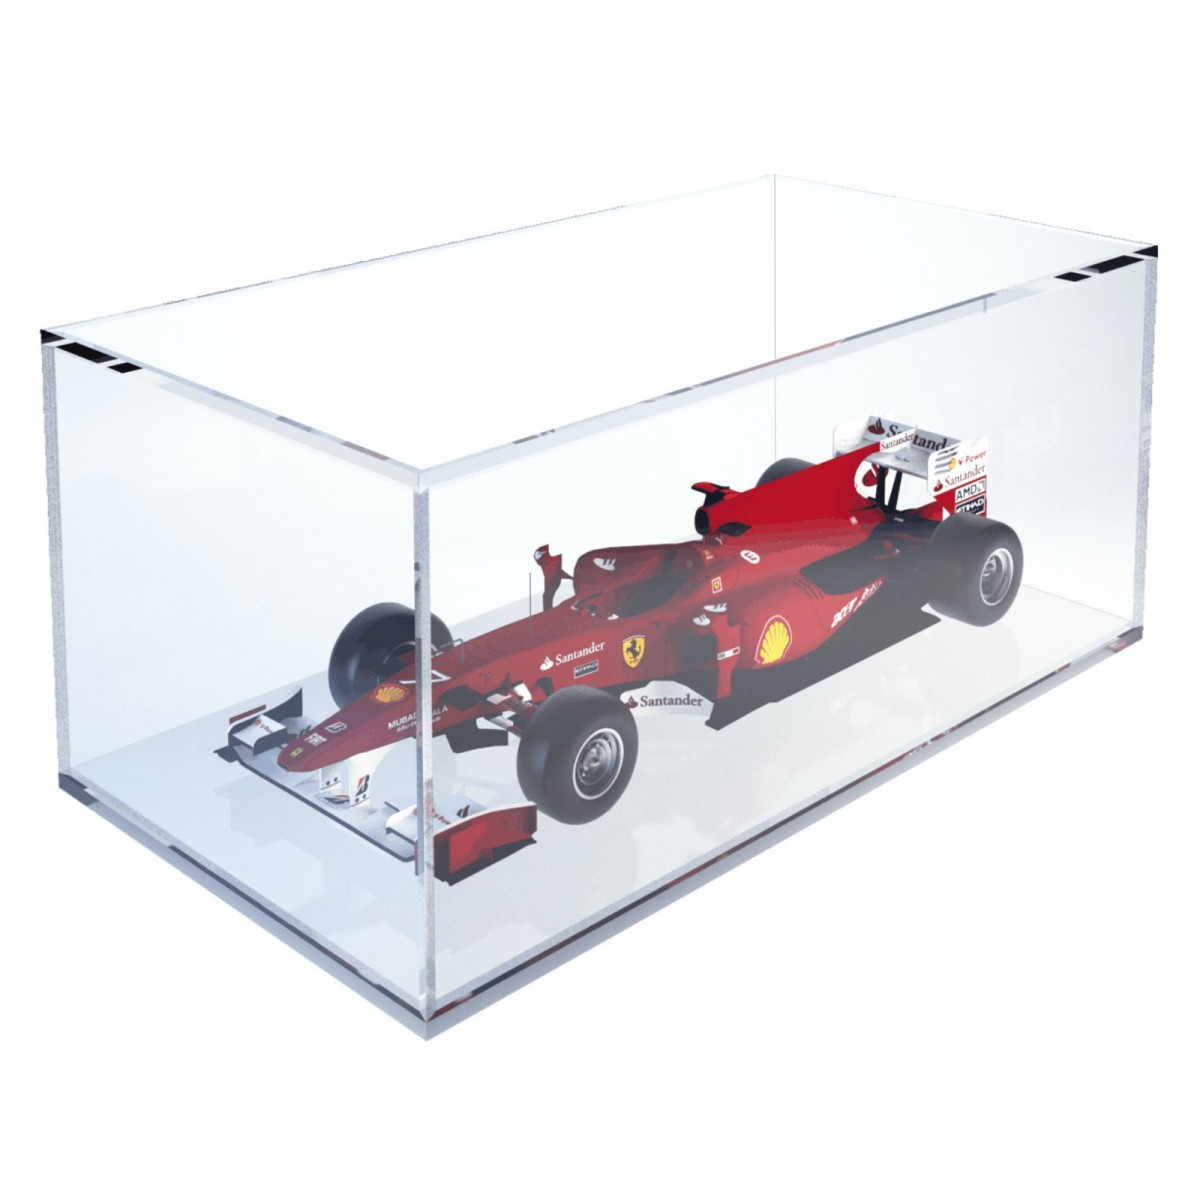 E-373 TEC - Teca espositiva in plexiglass trasparente scala 1:18 con base bianca - Misure totali: 34x18x h14 cm